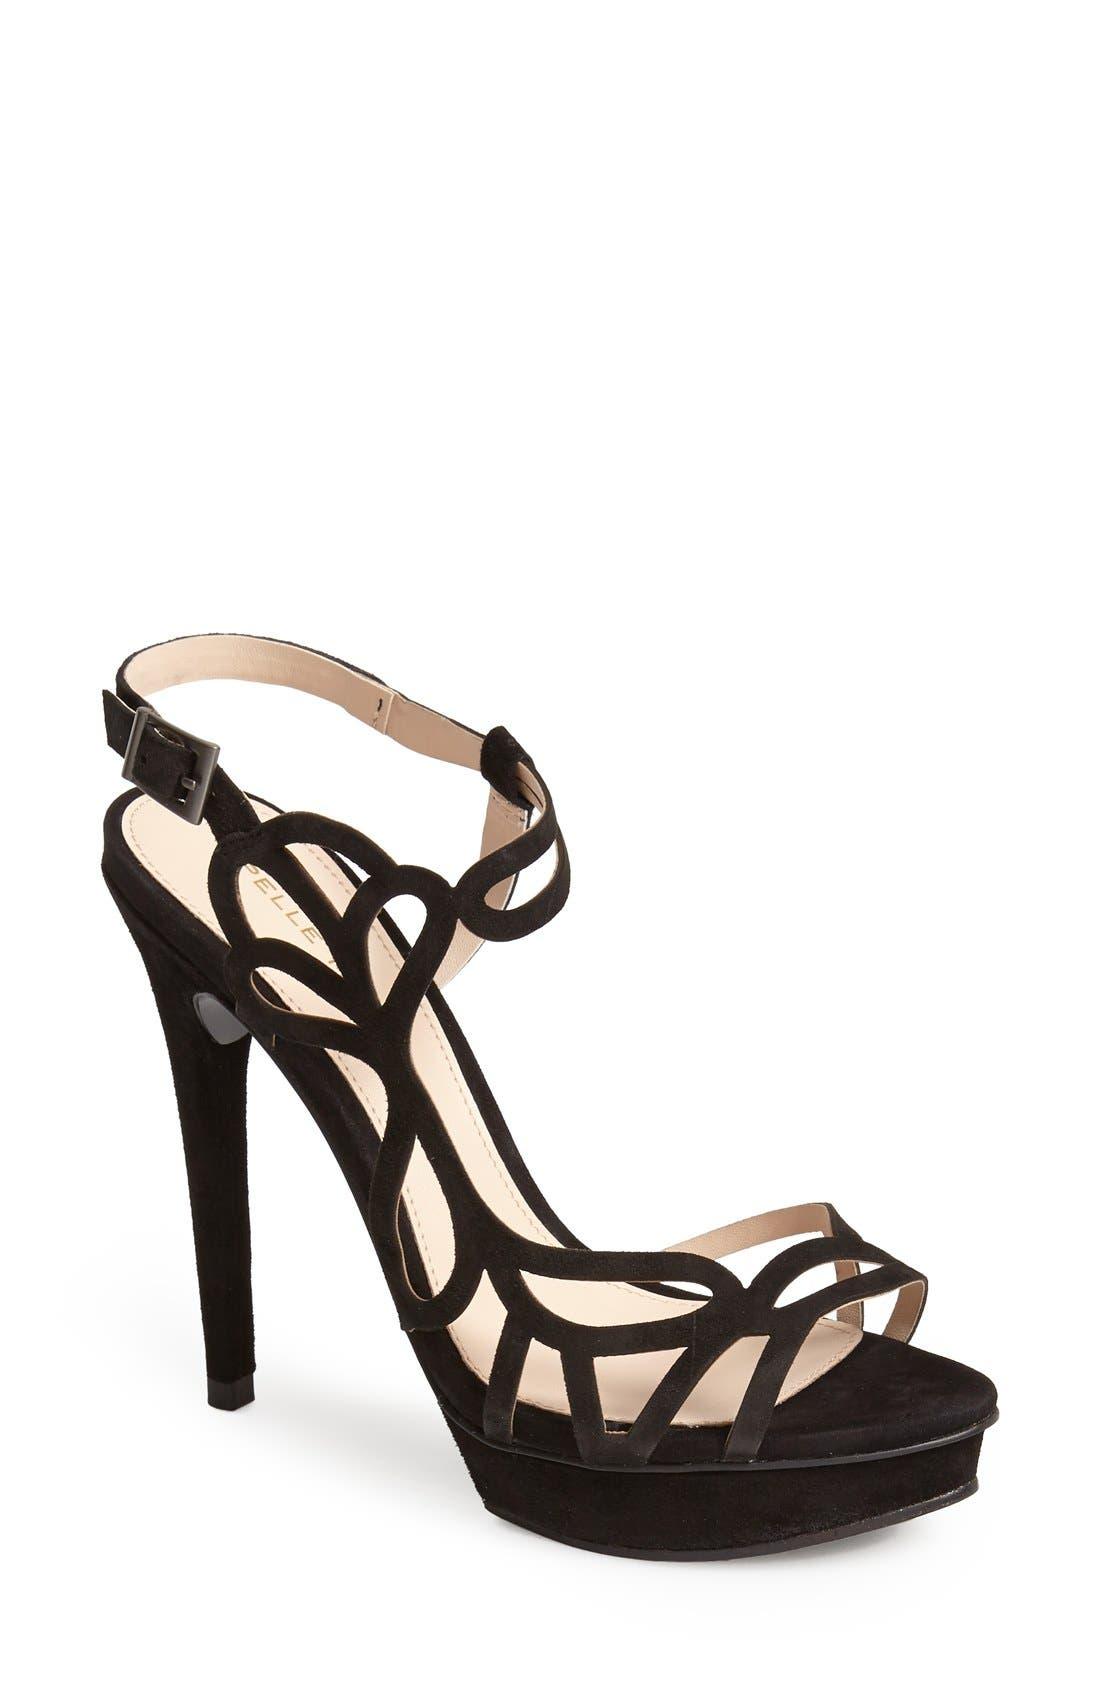 Main Image - Pelle Moda 'Fey' Suede Sandal (Women)